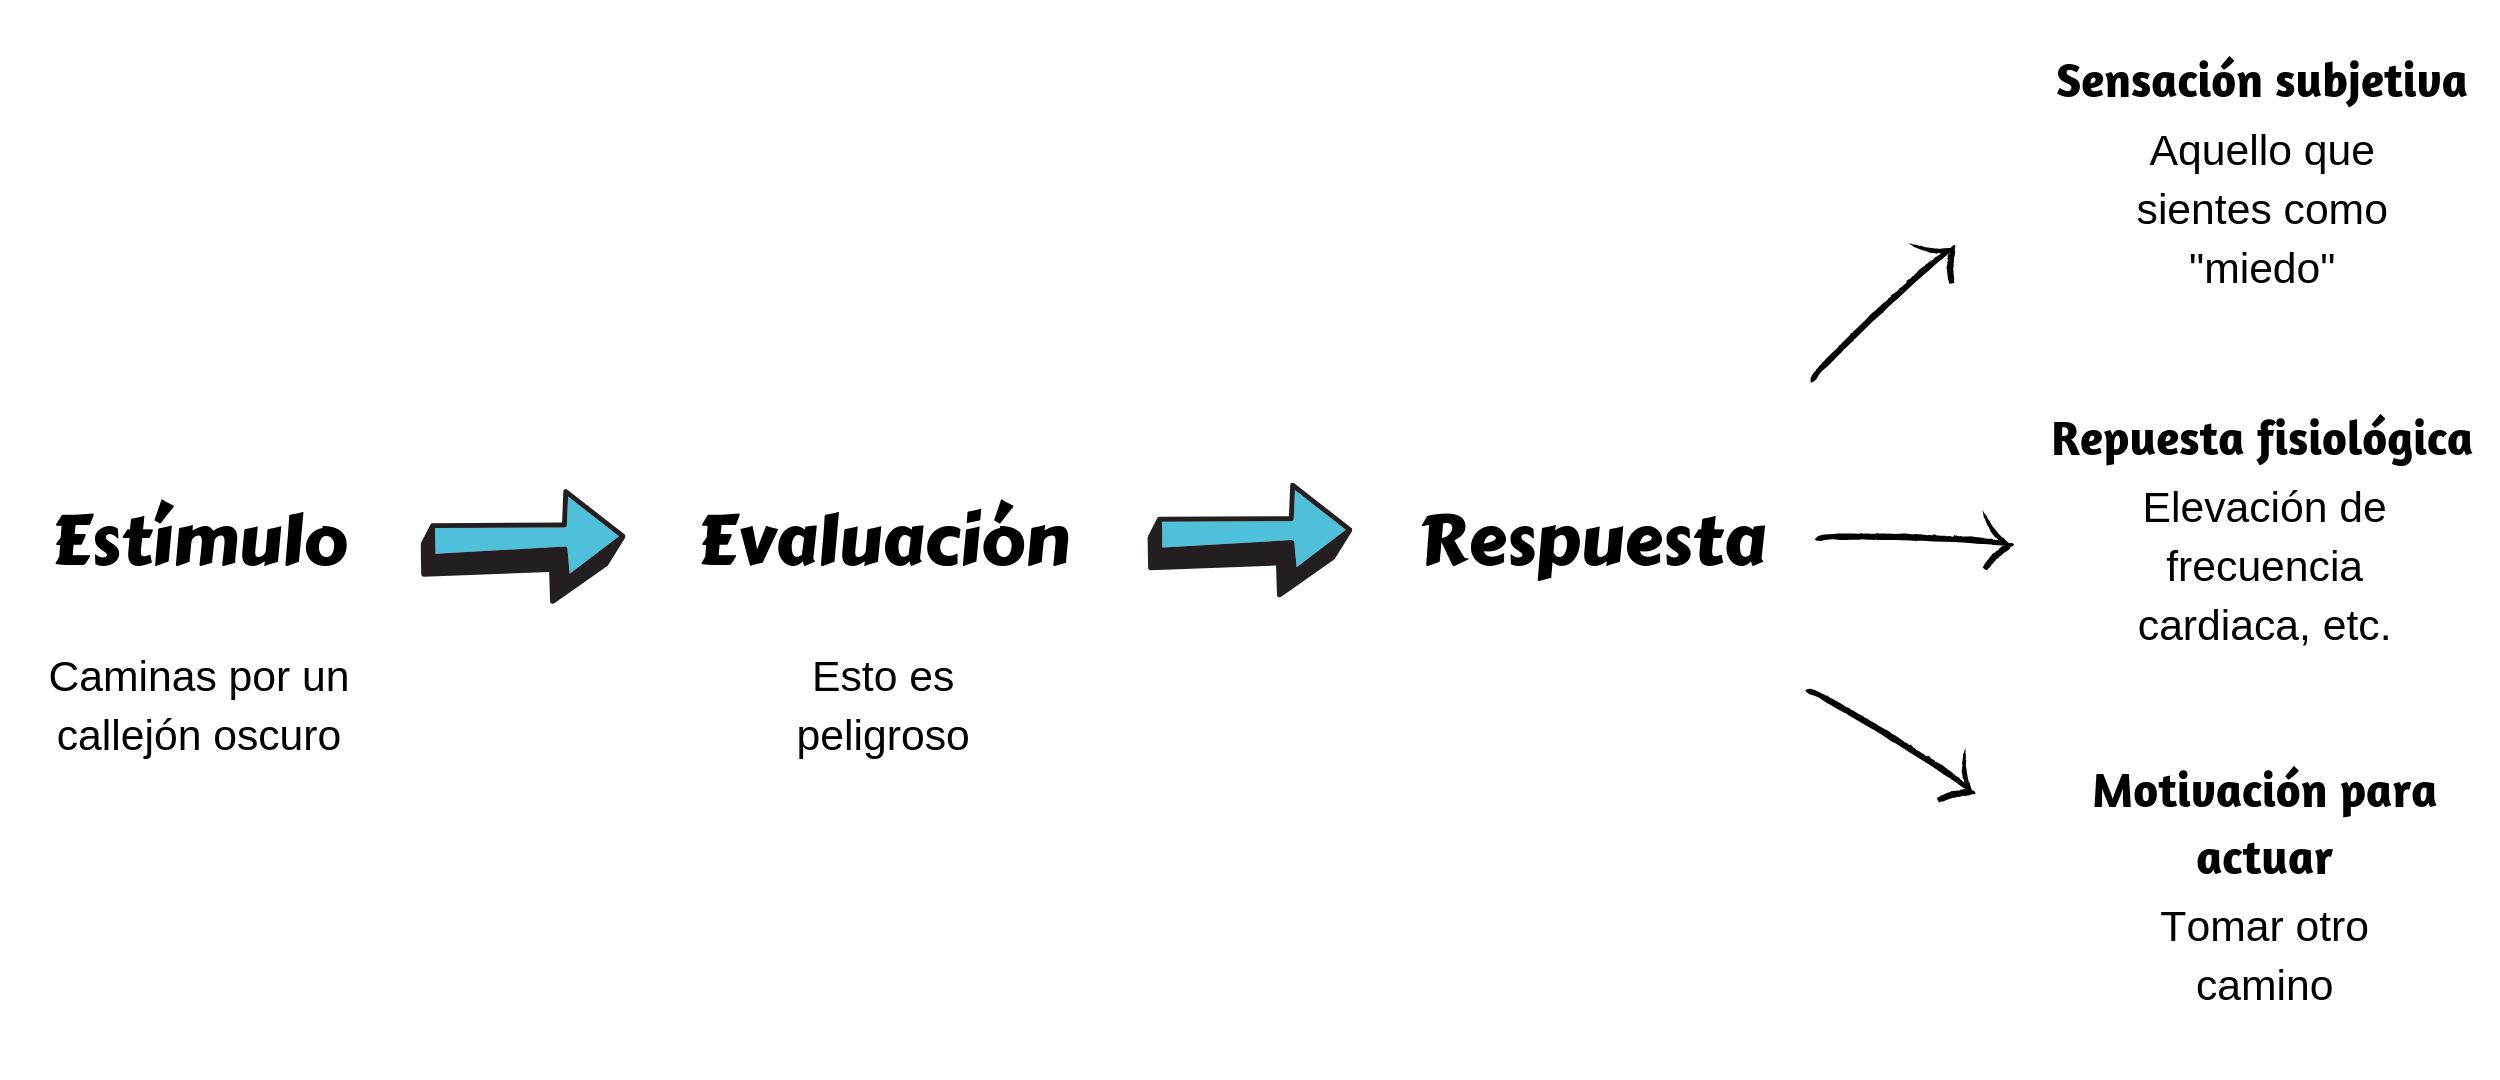 diagrama de flujo de lo que es una emoción